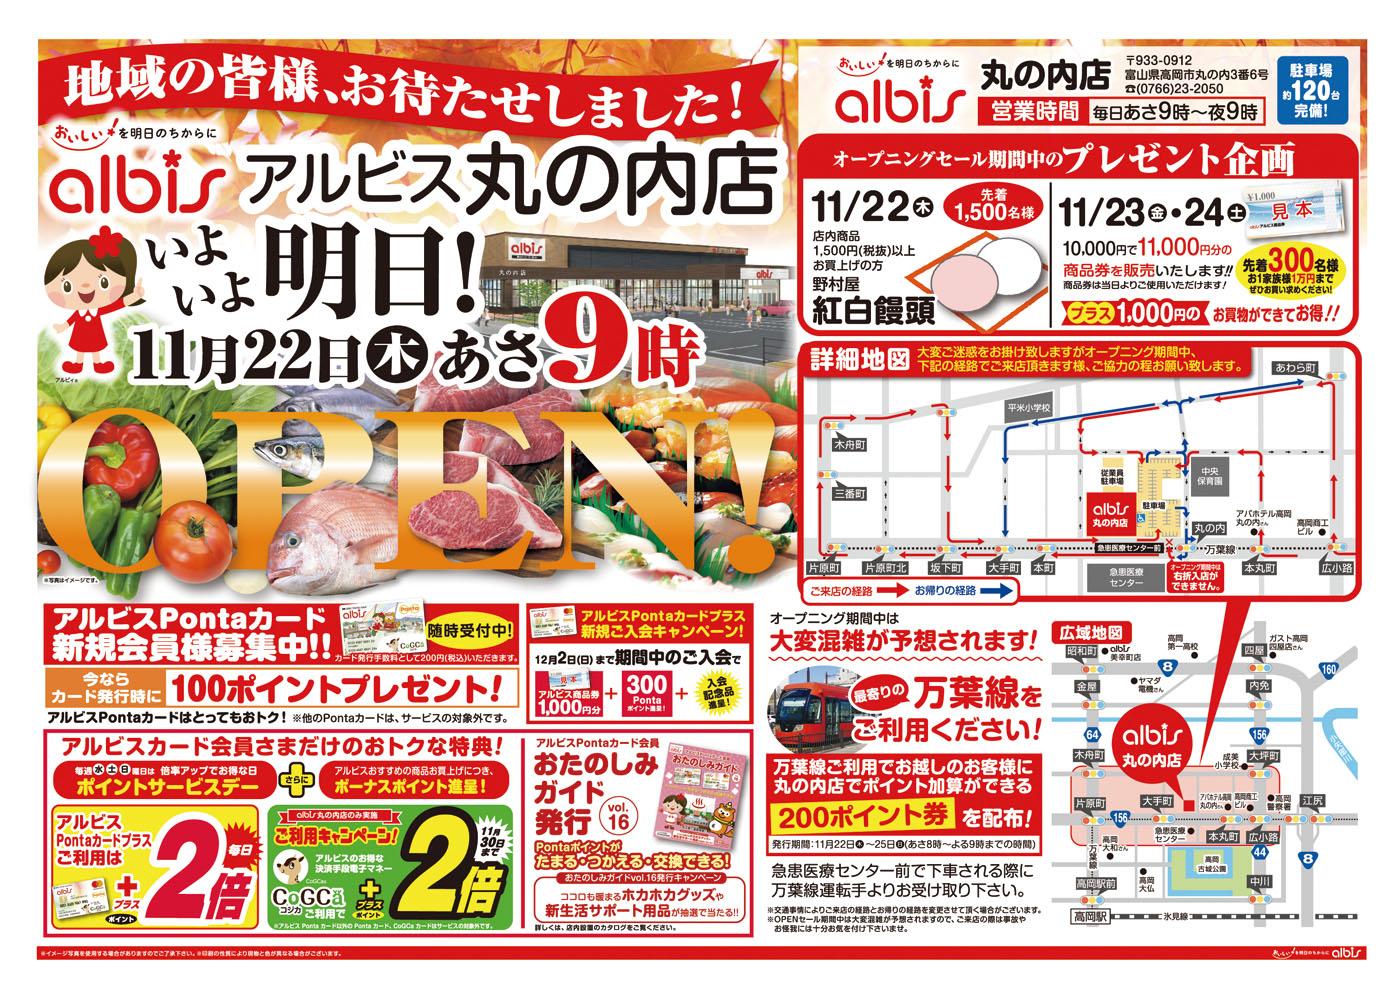 アルビス丸の内店(高岡市)11月22日オープン日決定(新店舗情報)